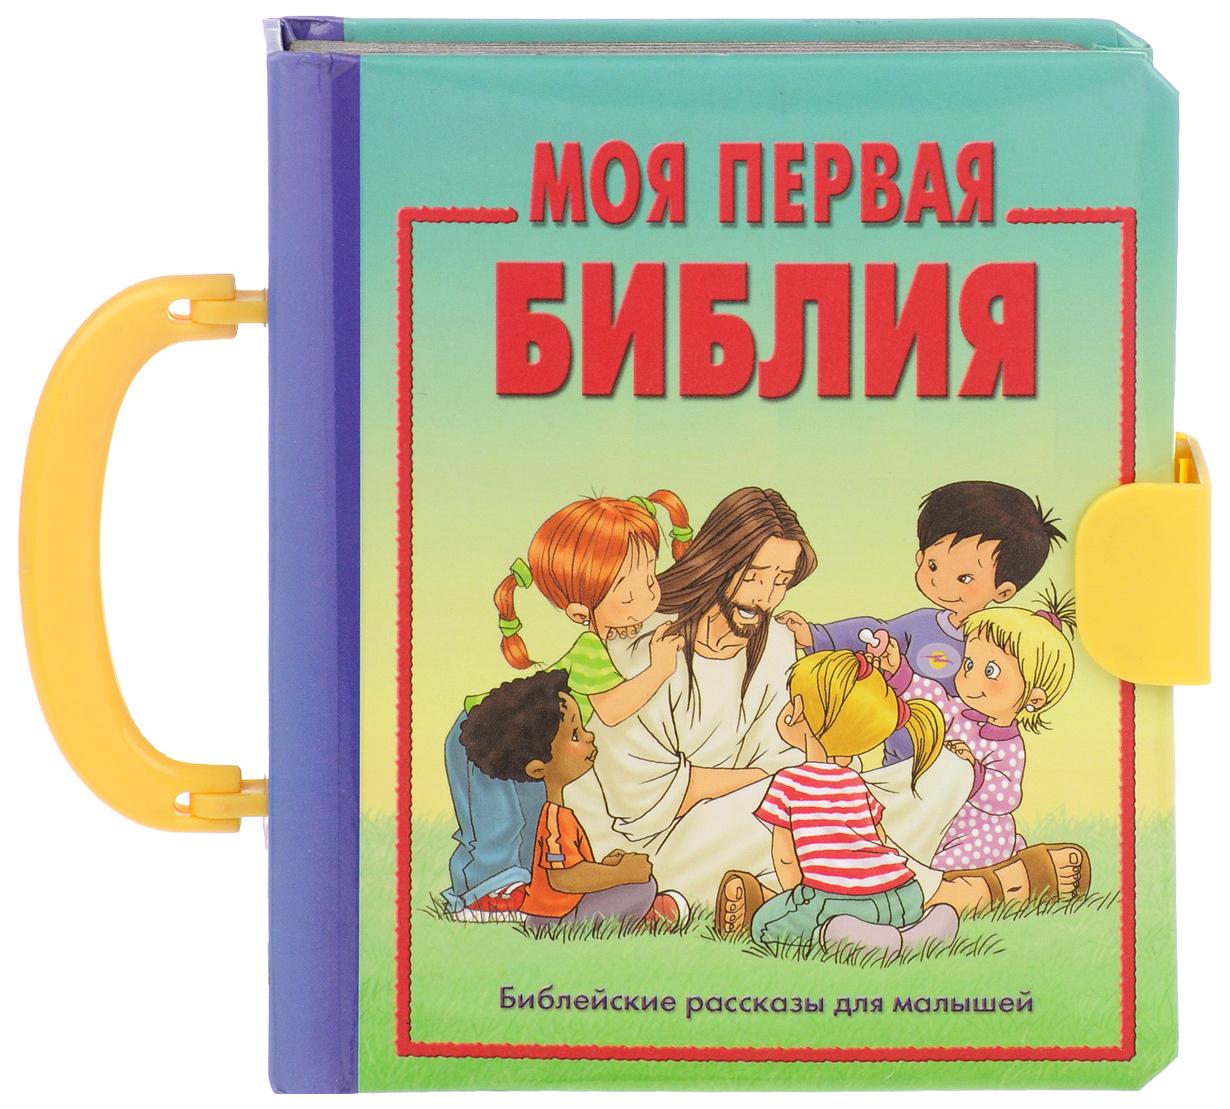 Купить Книга Российское Библейское общество Моя первая Библия (для малышей), Российское Библейское Общество, Религиозная литература для детей